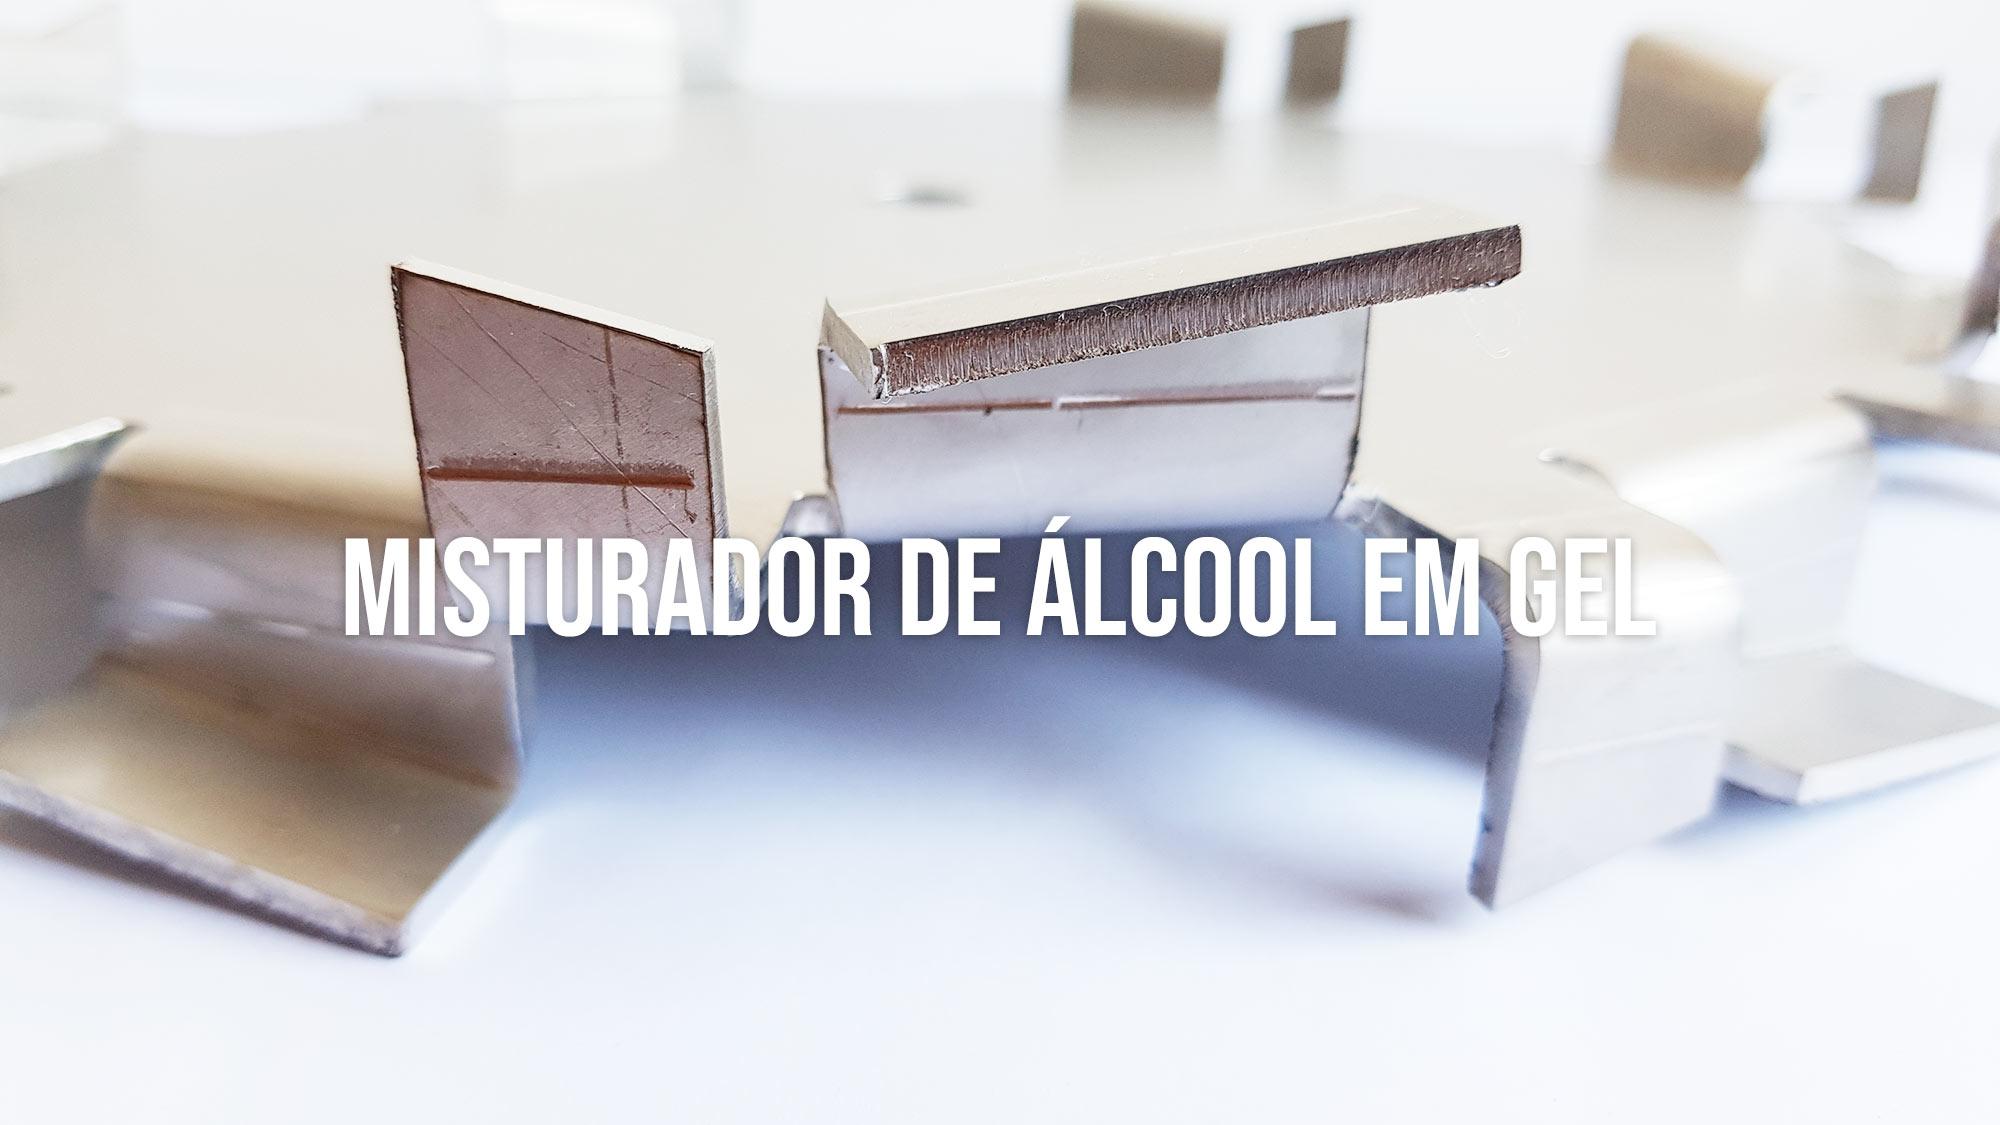 Misturador de álcool gel e carbopol